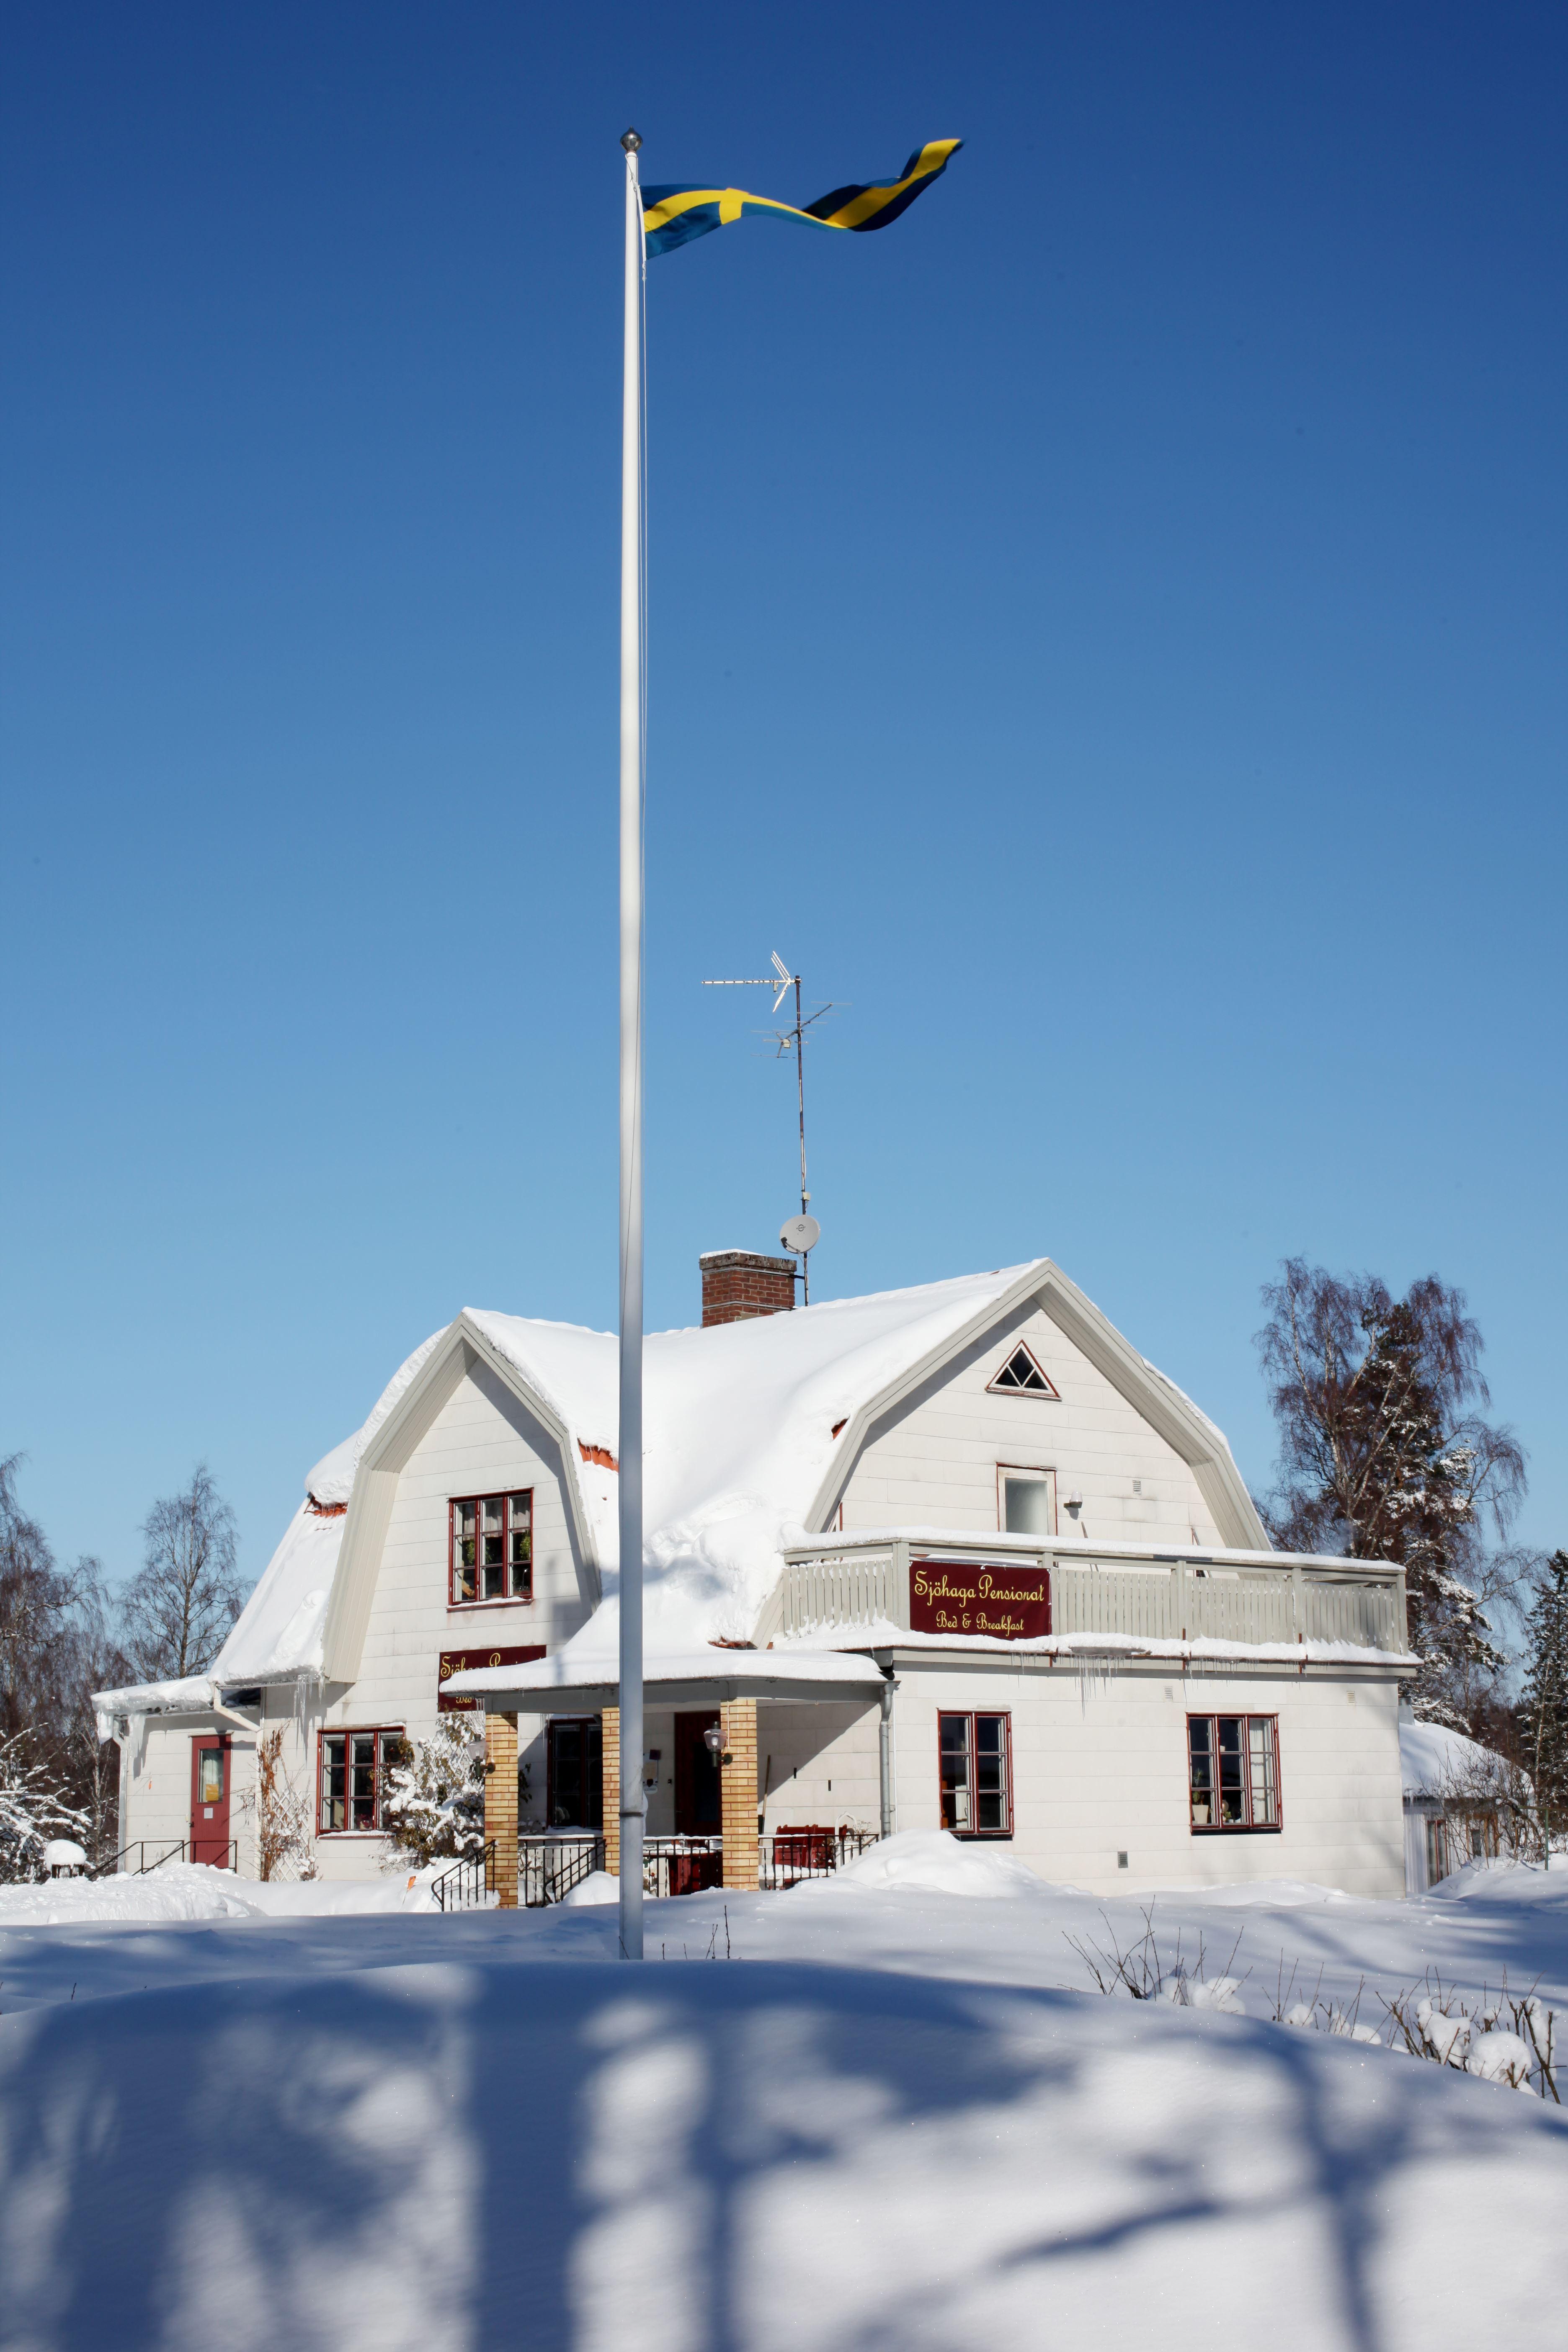 © Sjöhaga pensionat, Sjöhaga Pensionat